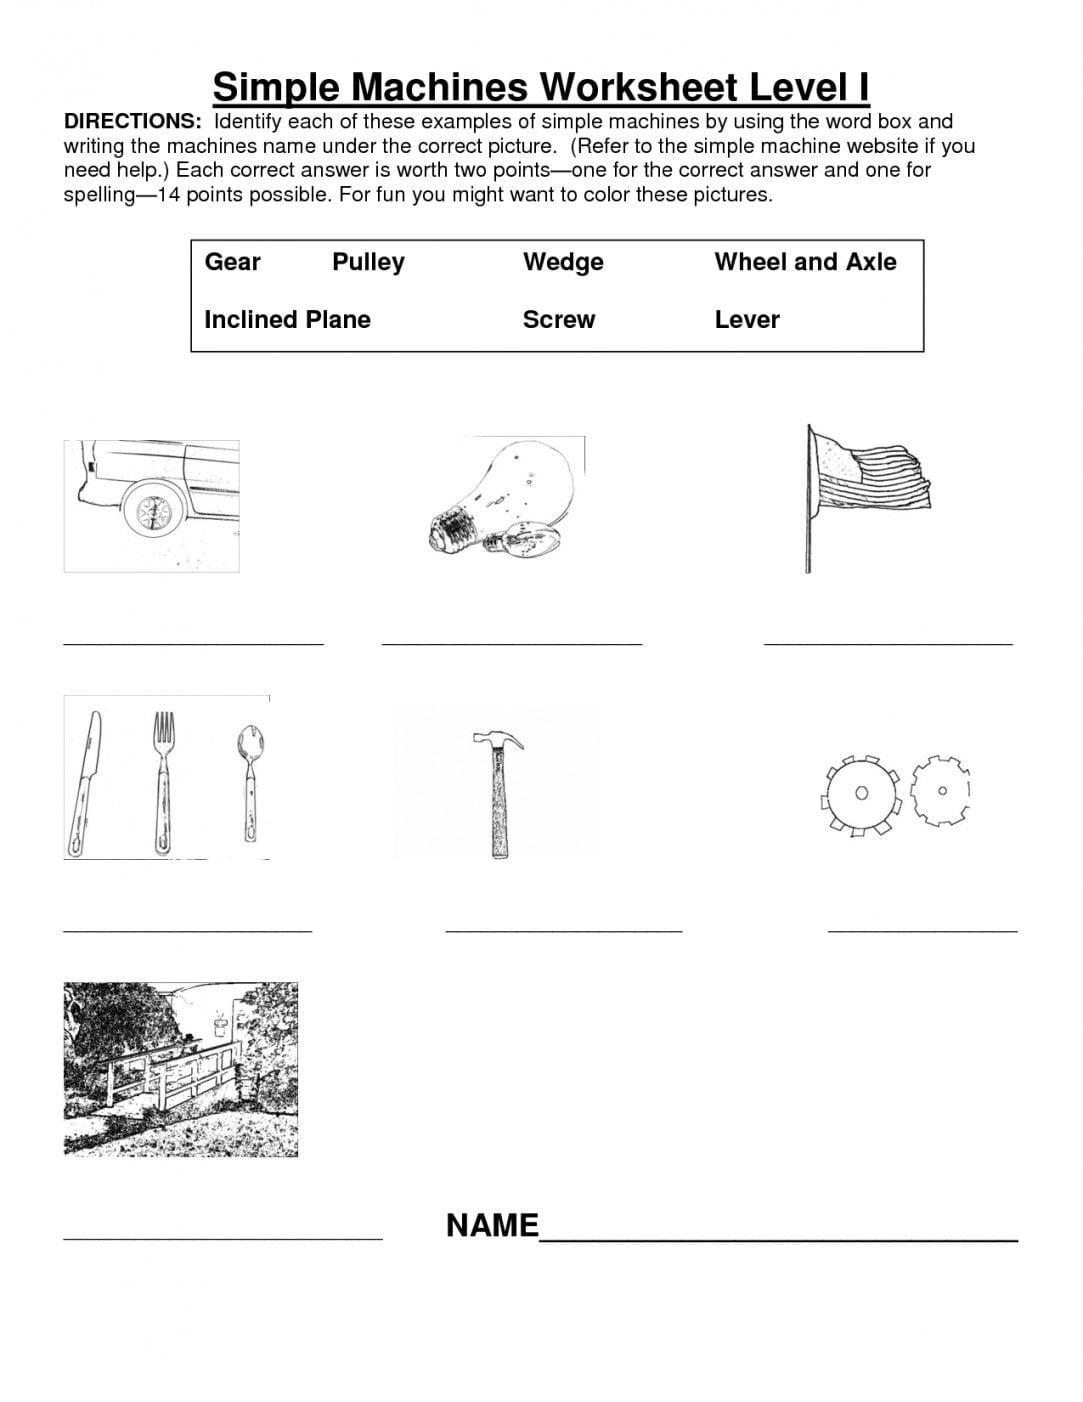 Simple Machines Worksheet Middle School